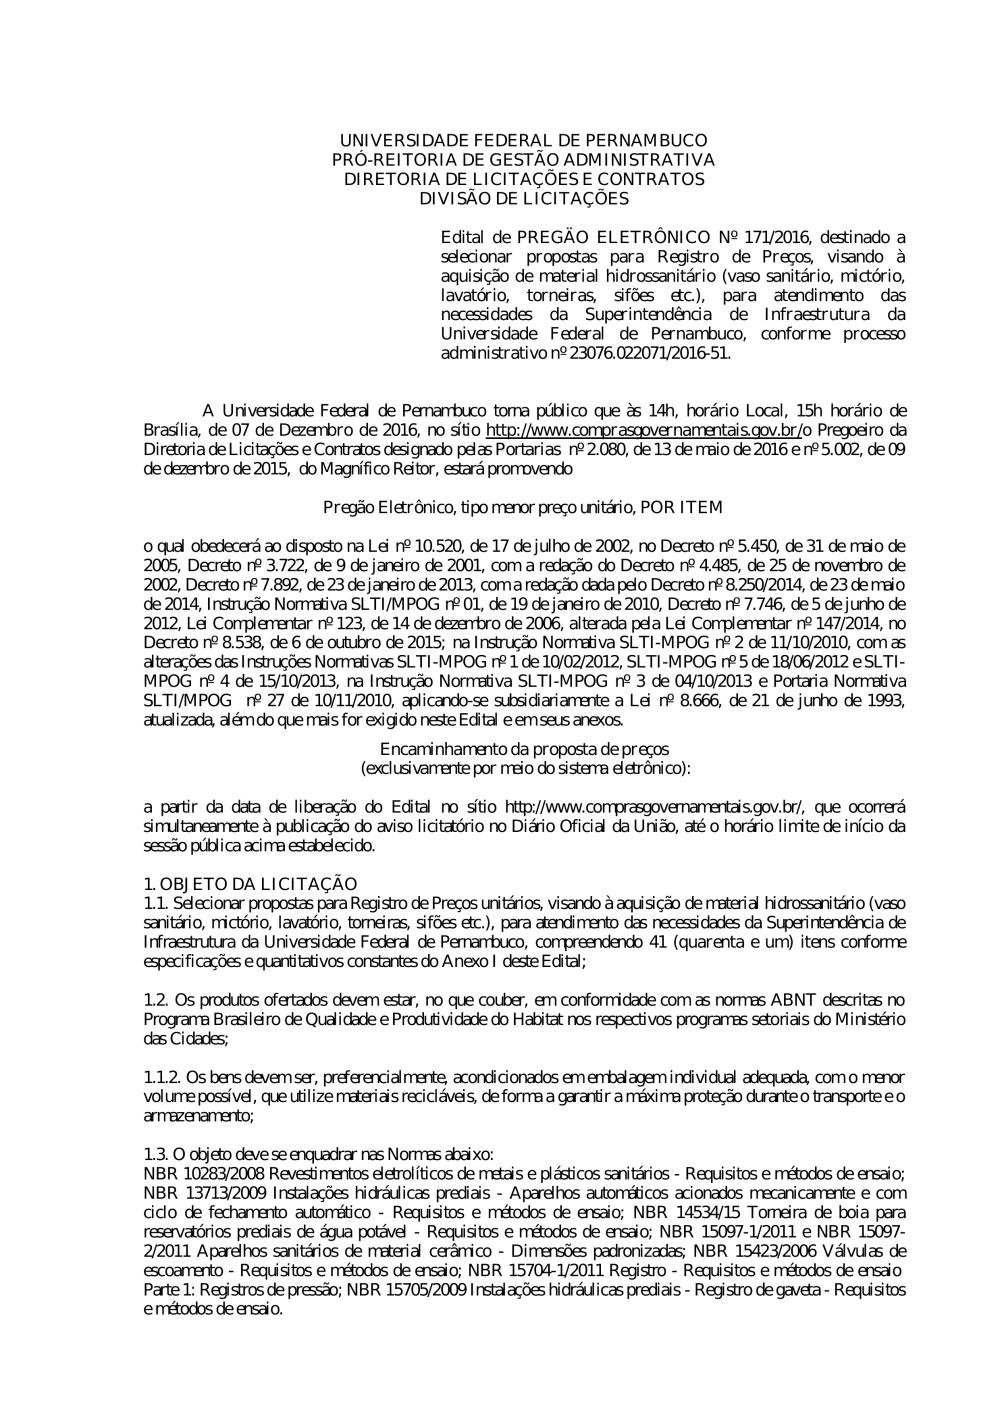 288a6fbf32966 Pregão nº 171 2016.pdf - Editais do Pregão - UFPE